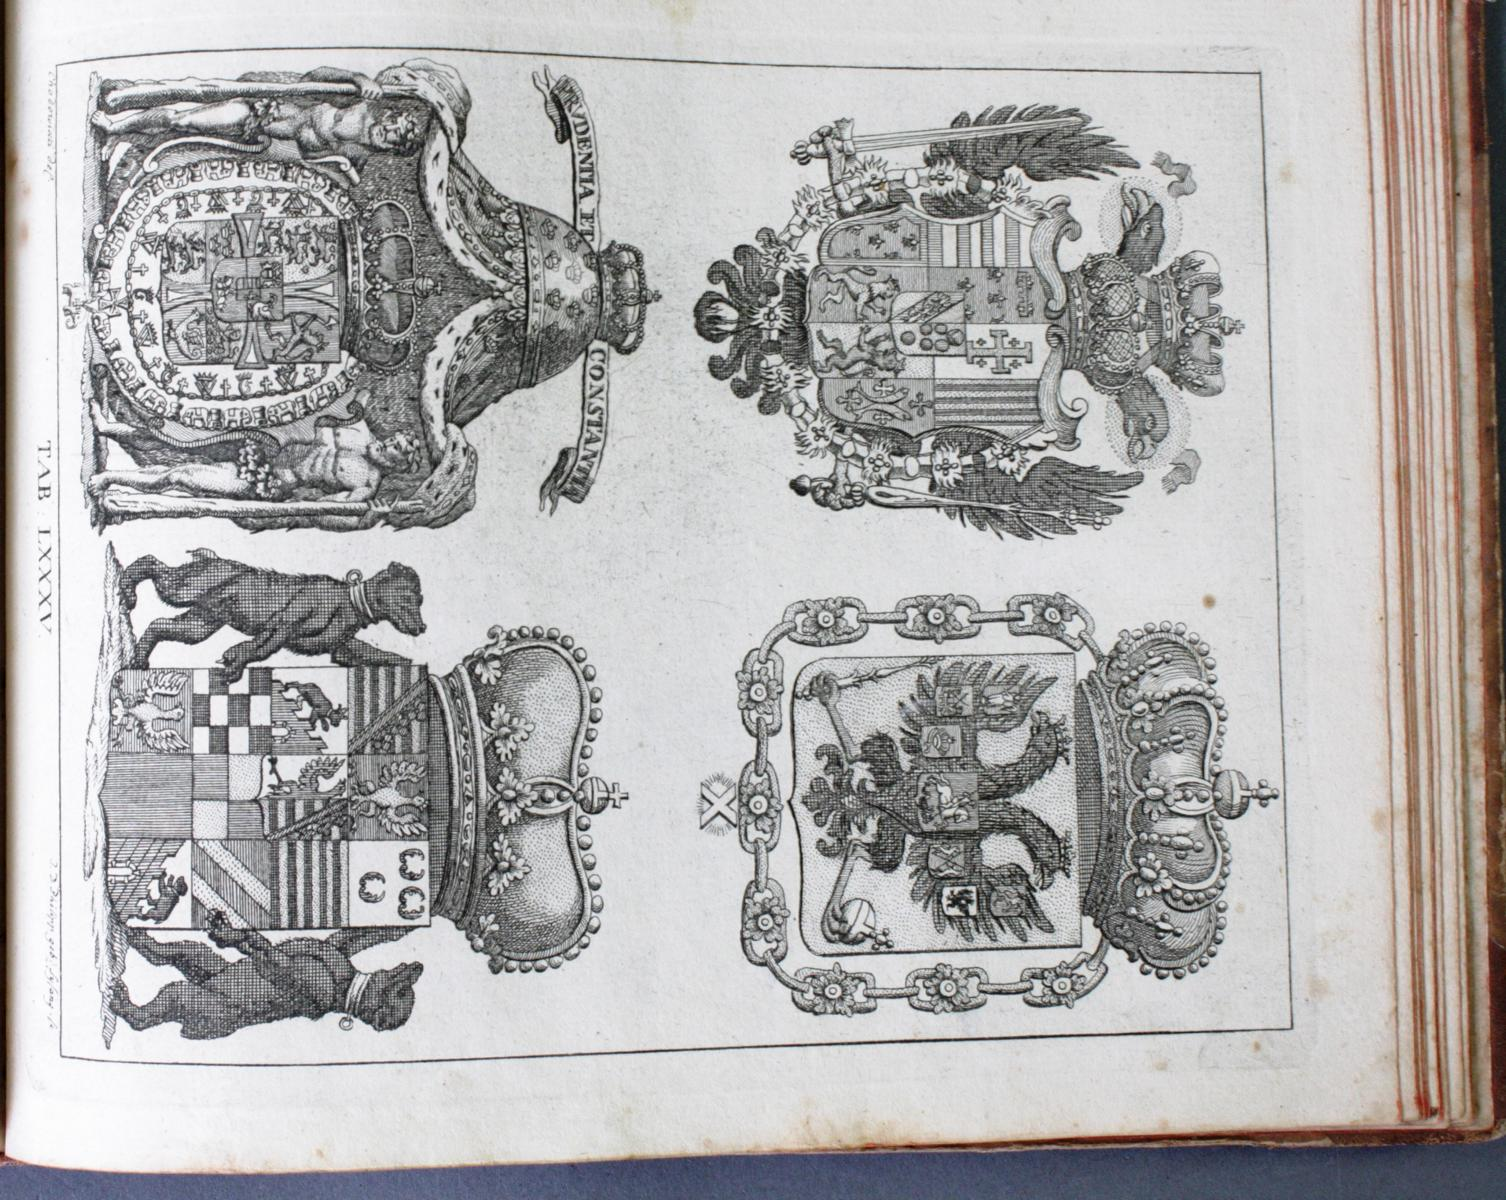 Johann Bernhard Basedow, Kupfersammlung zum Elementarwerk, 1774-10